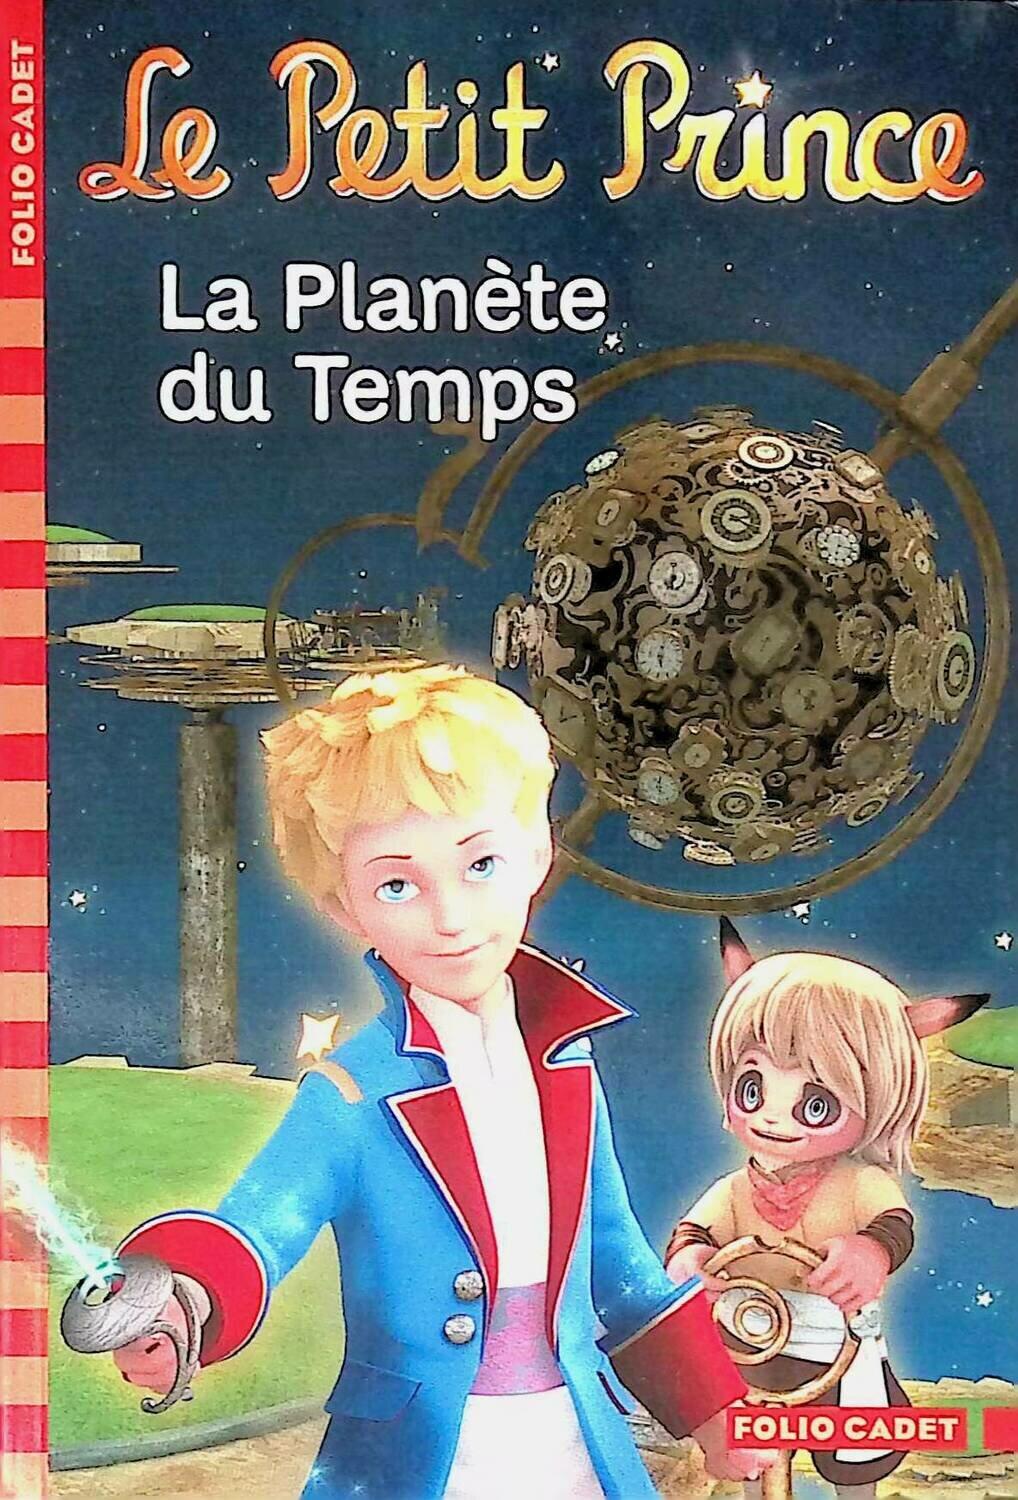 Le Petit Prince: La Plan?te du Temps ;  Fabrice Colin, Antoine de Saint-Exup?ry